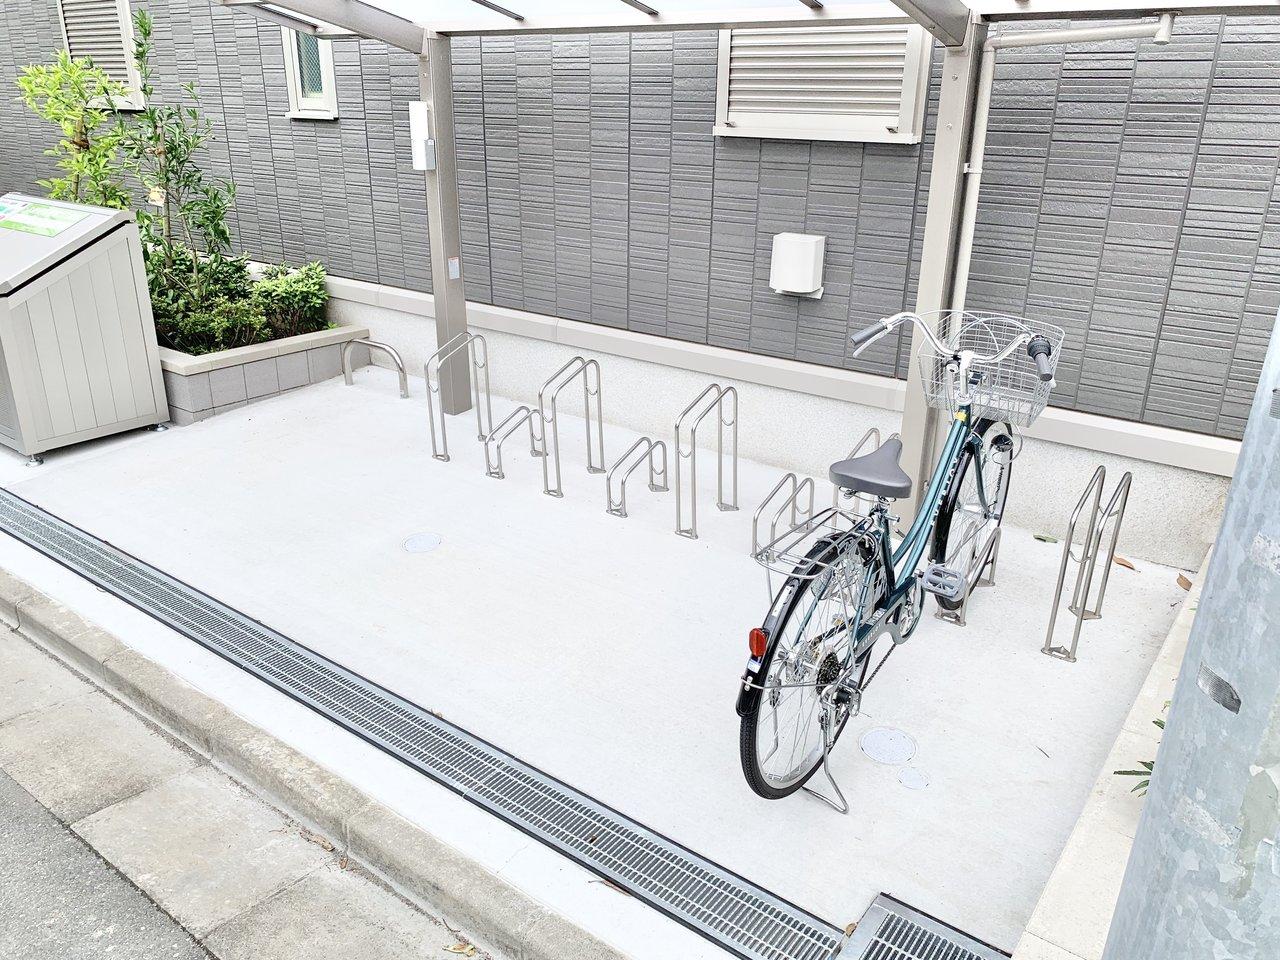 駅から少し距離がありますが、その分自転車を活用してもいいですね。屋根付きの駐輪場があるのもうれしい。